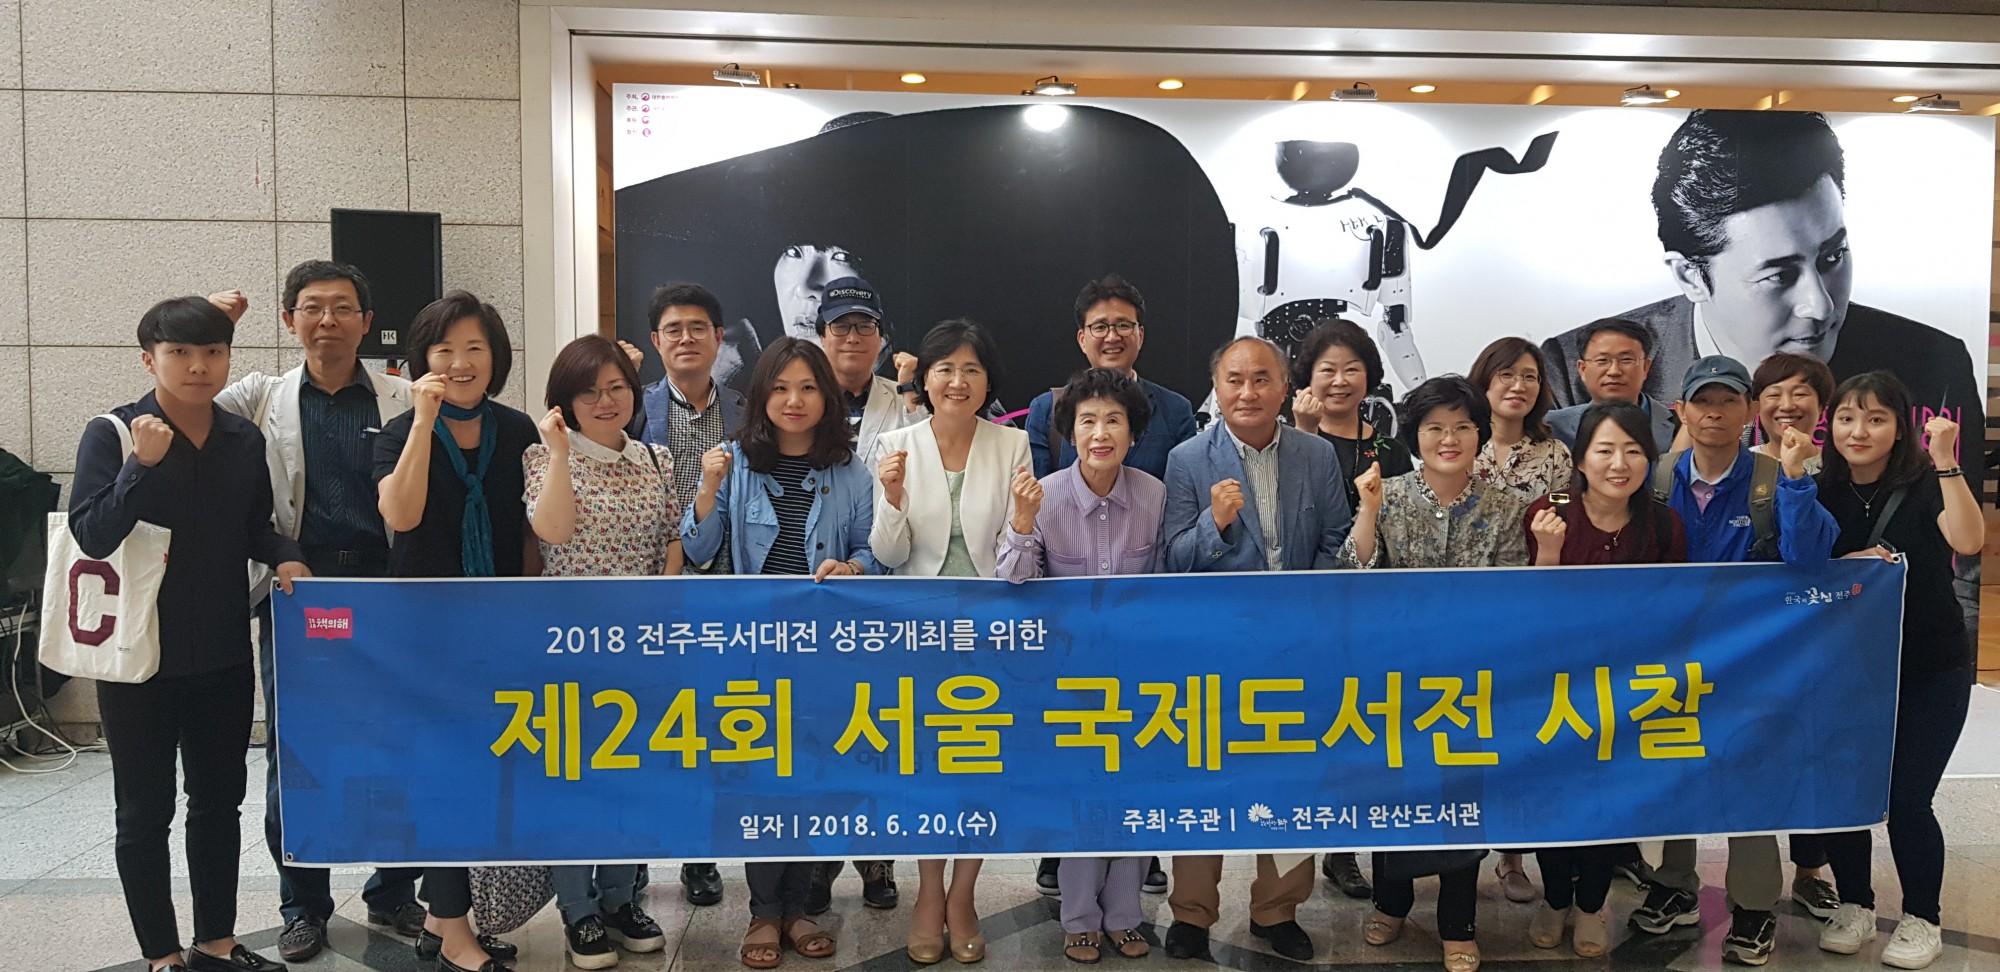 제24회 서울국제도서전 시찰